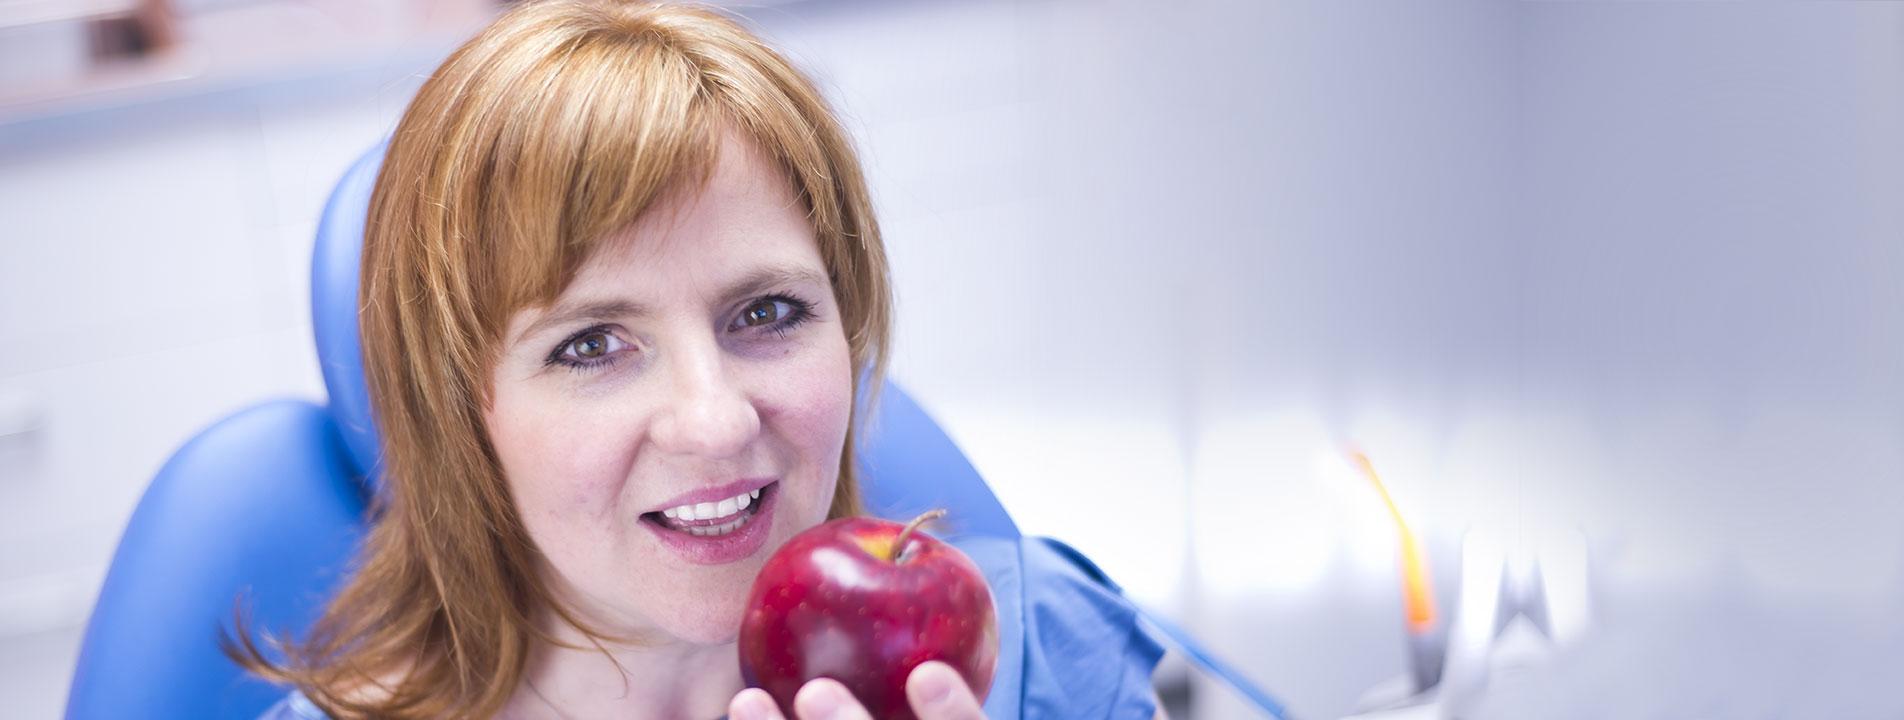 header_zuby-jablko